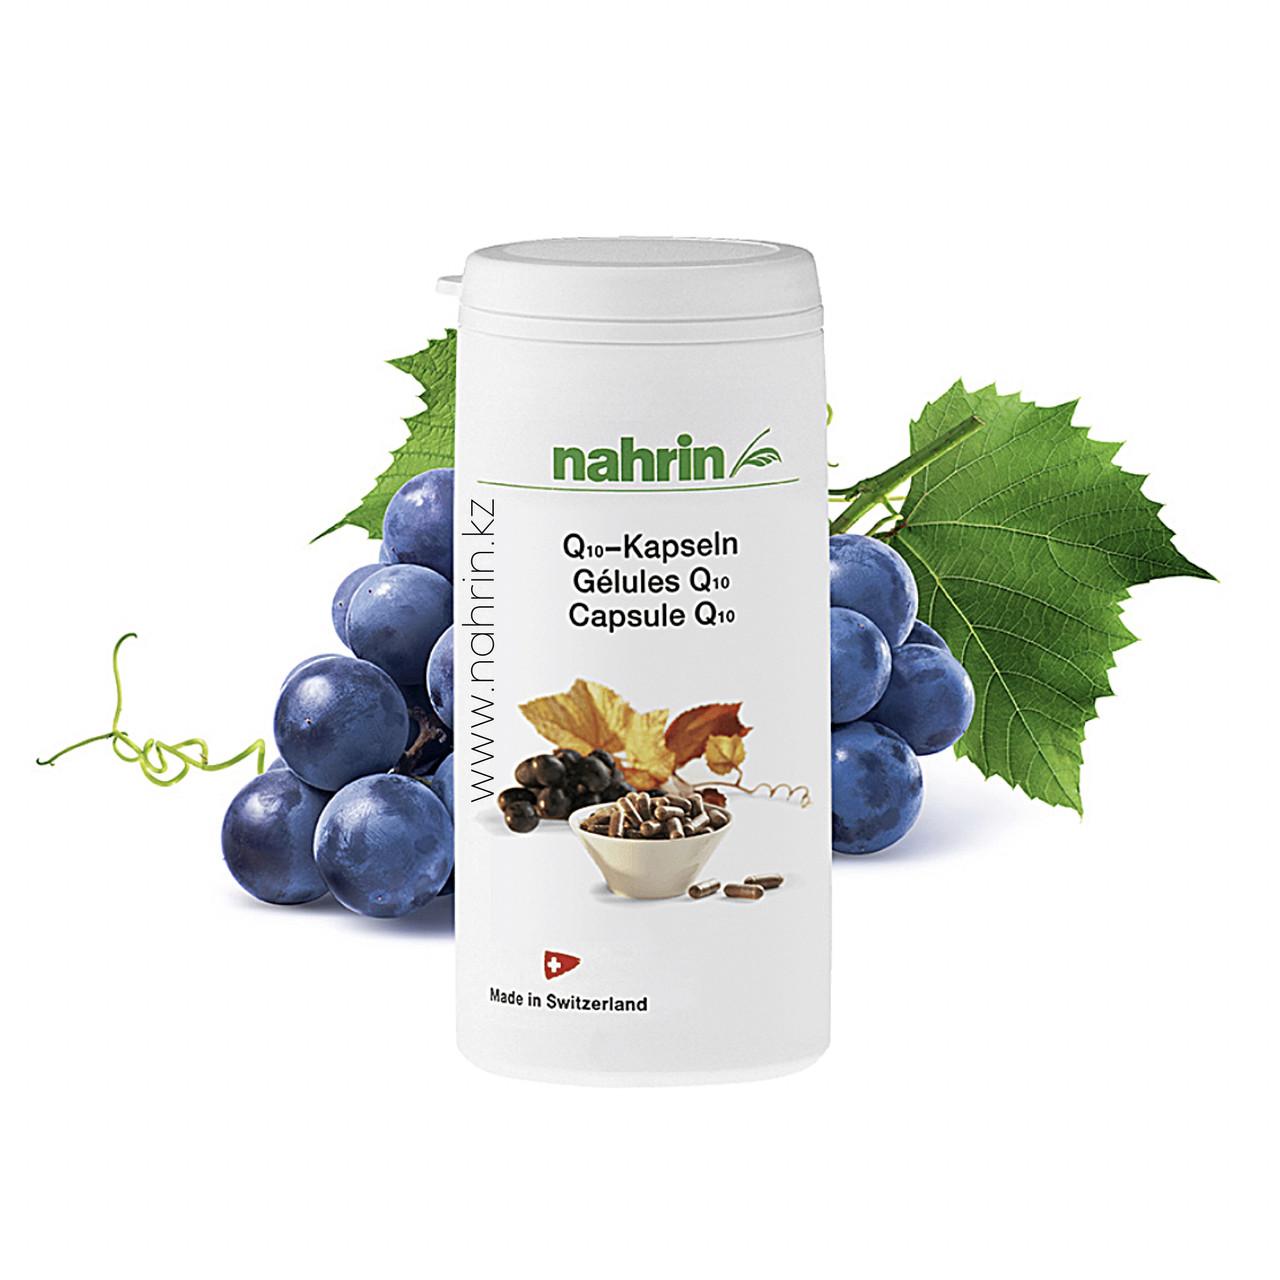 Капсулы Q-10 продлевает срок жизни любых клеток Нарин Nahrin (Оригинал - Швейцария)